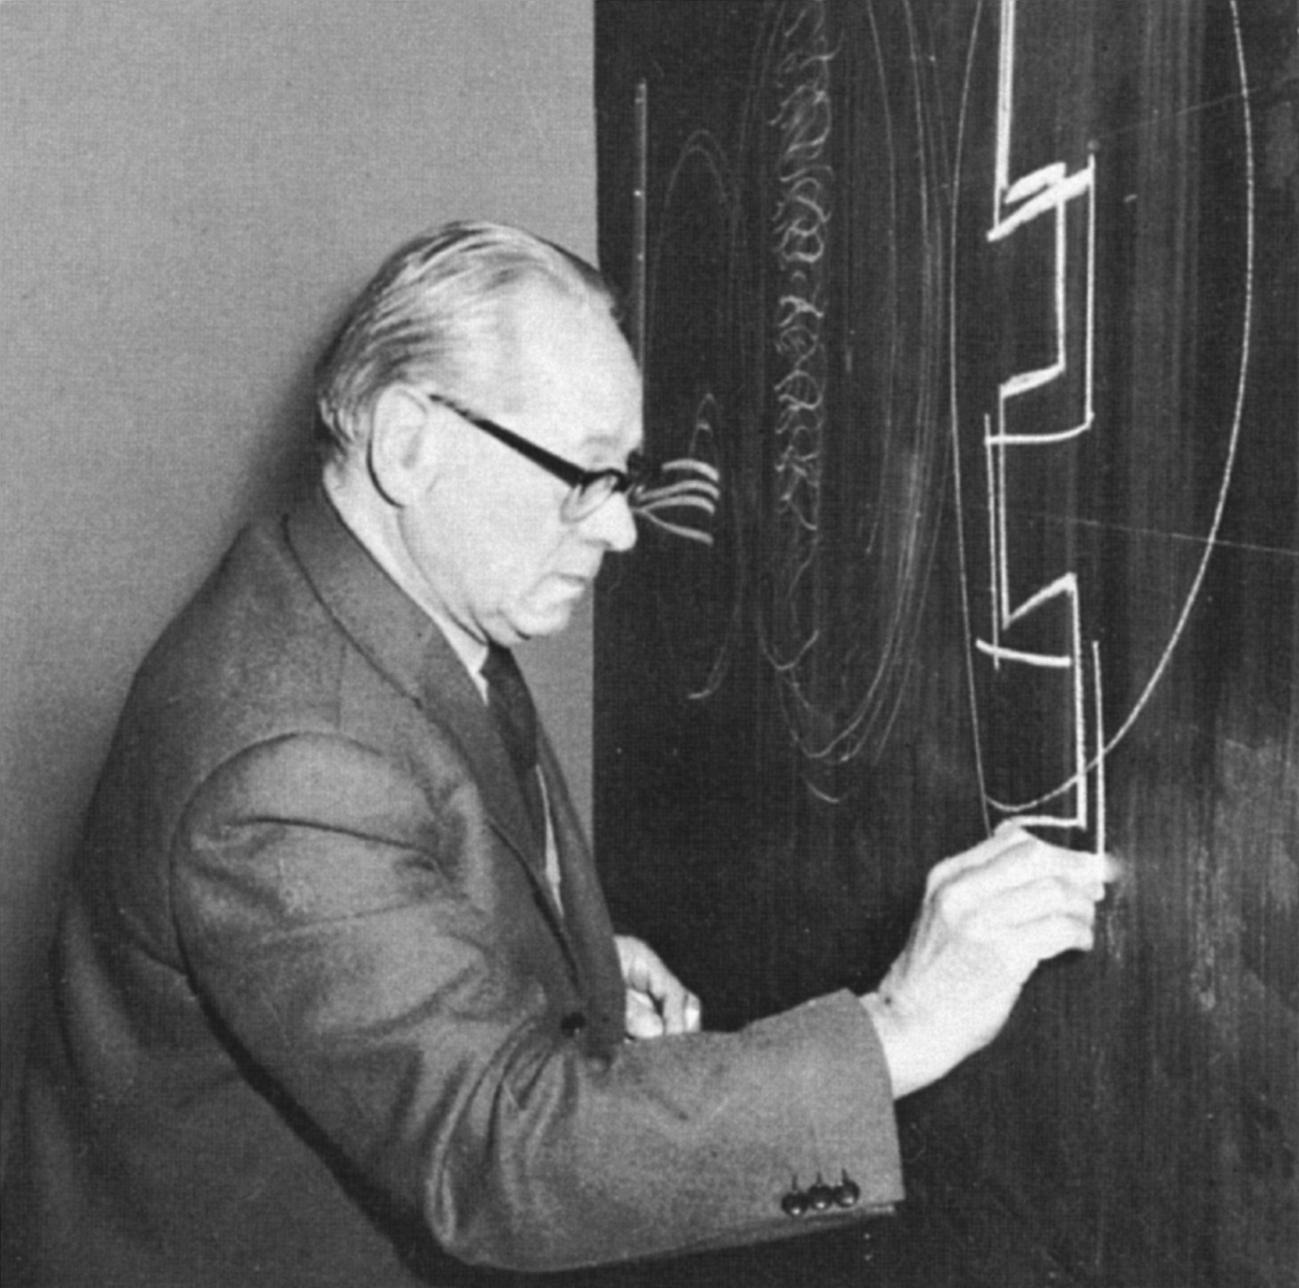 Johannes Itten im Unterricht. 1964 - Foto von Serge Lachinov